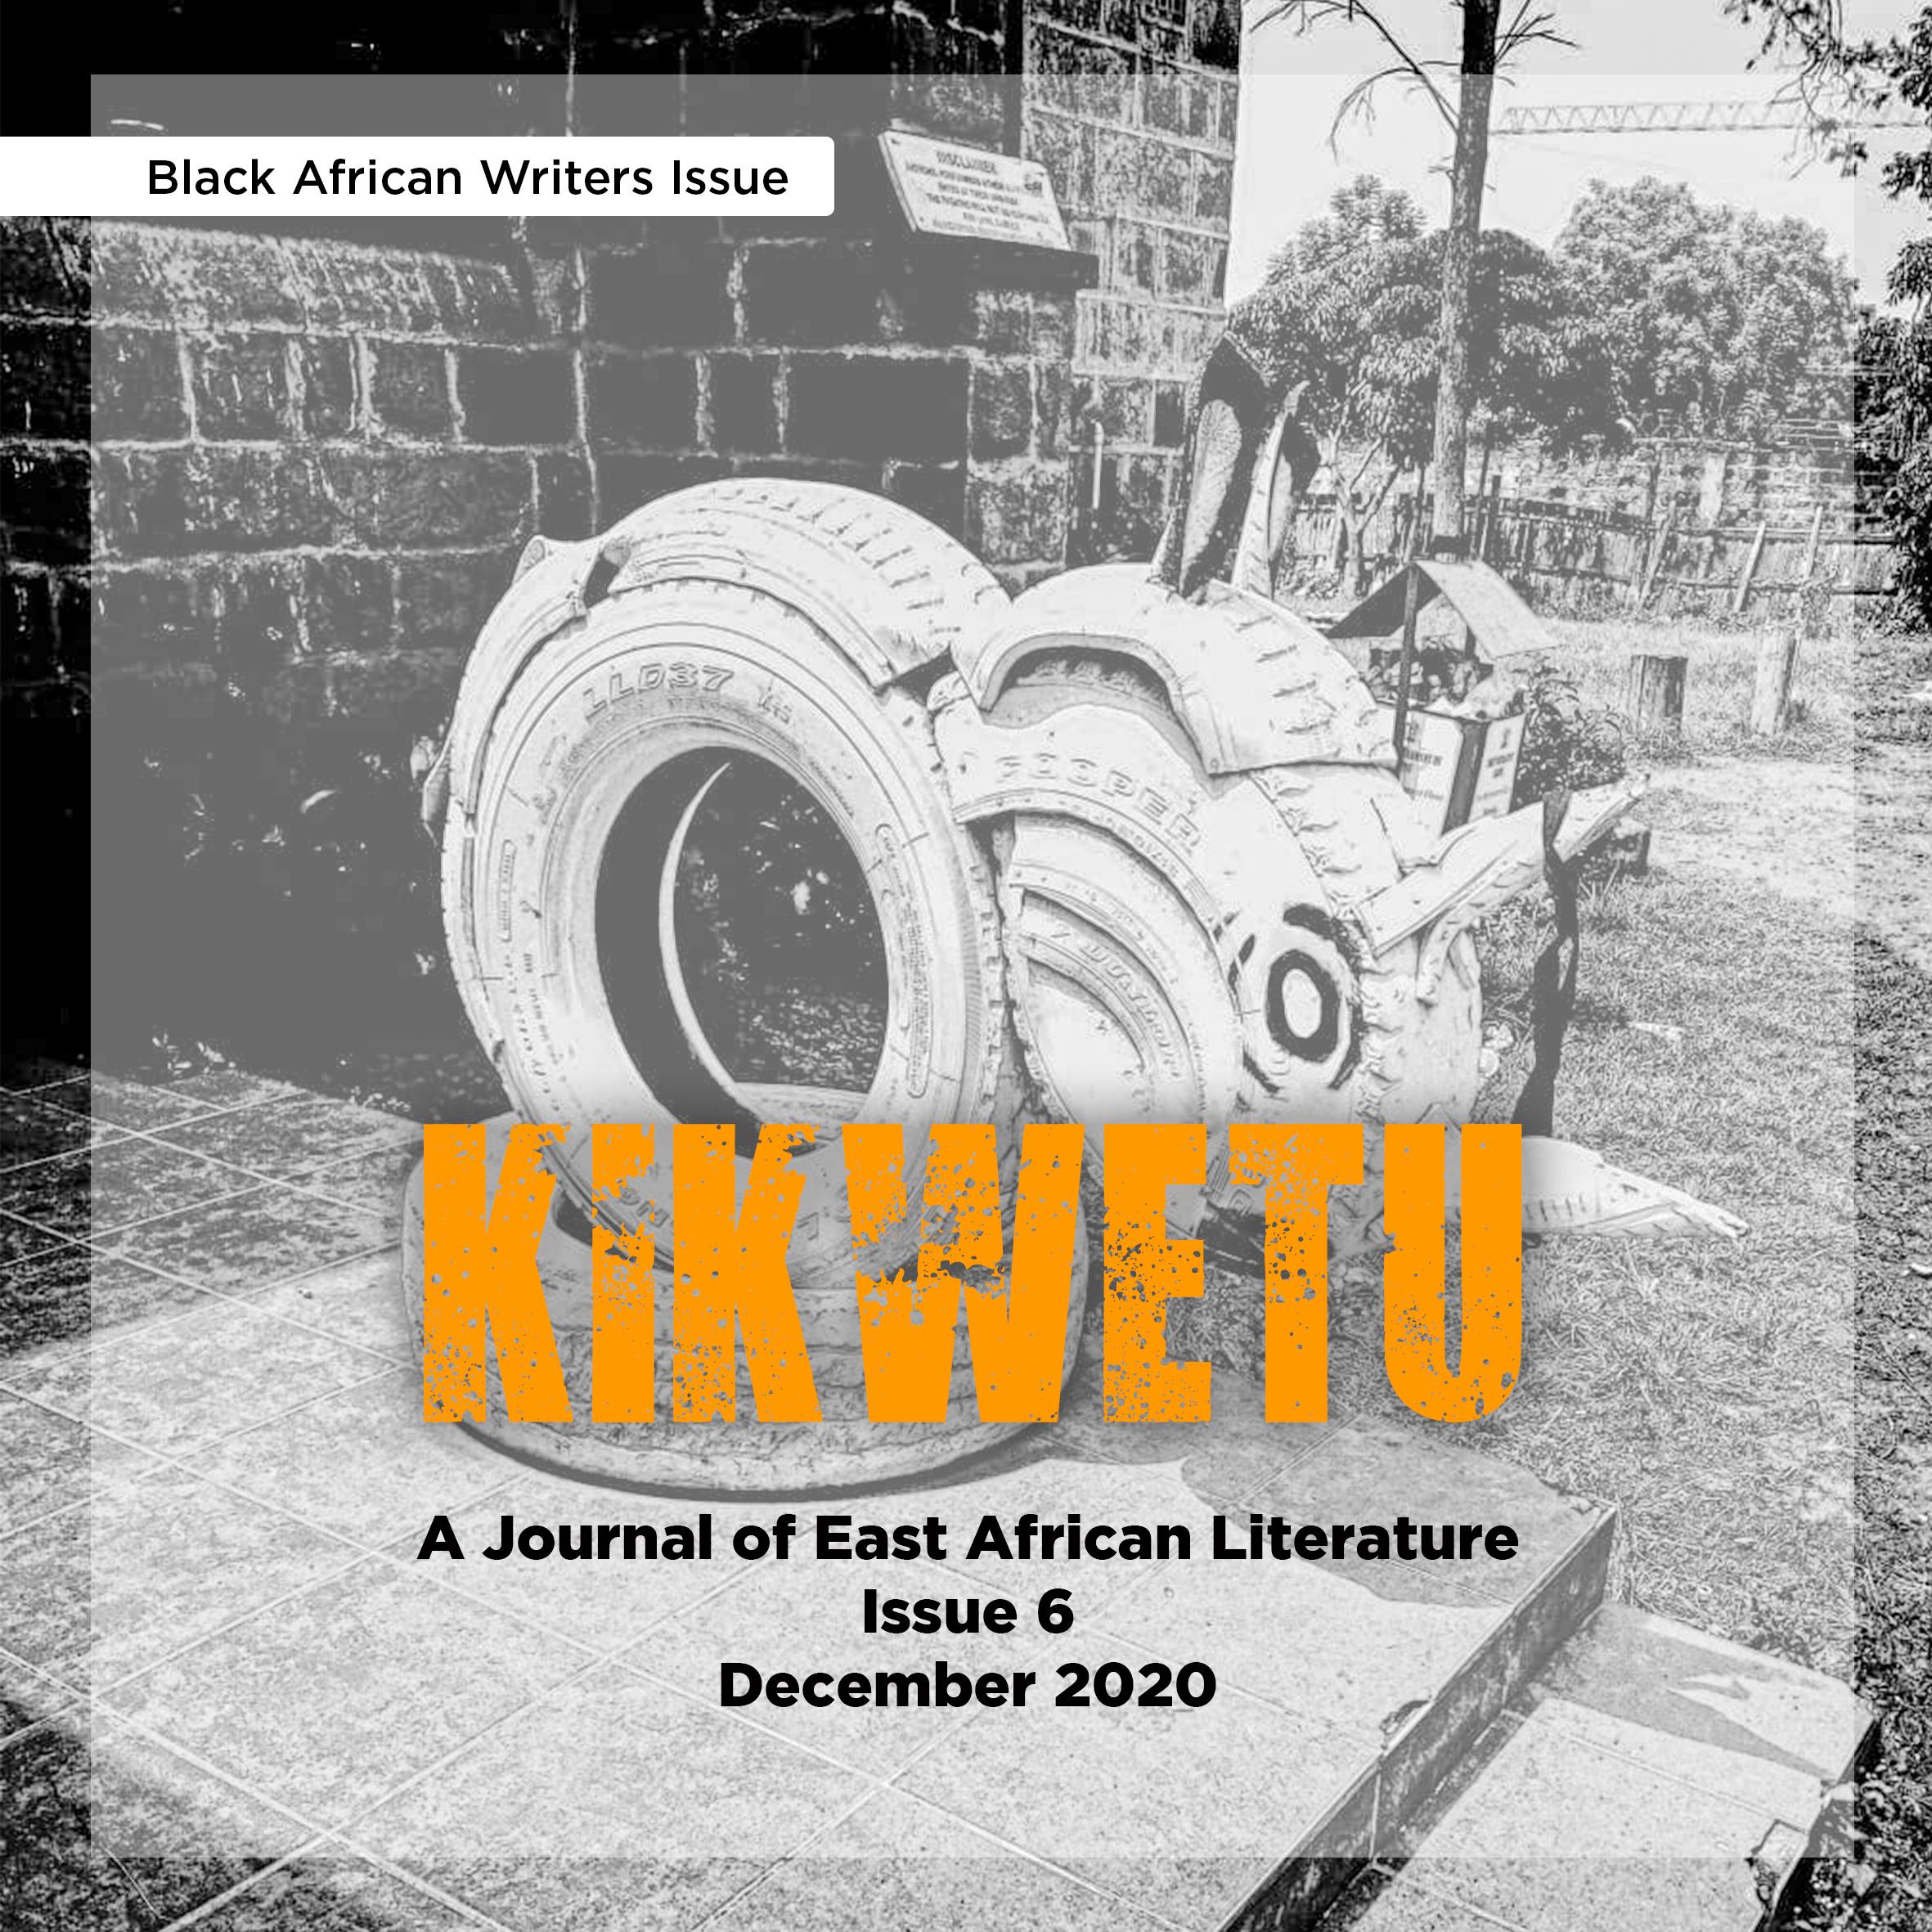 Kikwetu Cover 2020